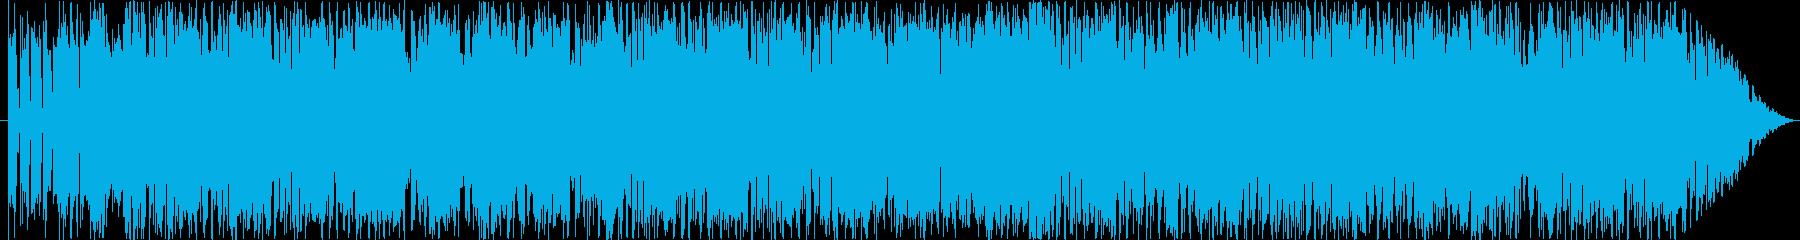 熱いギターロック(アクションゲーム向け)の再生済みの波形